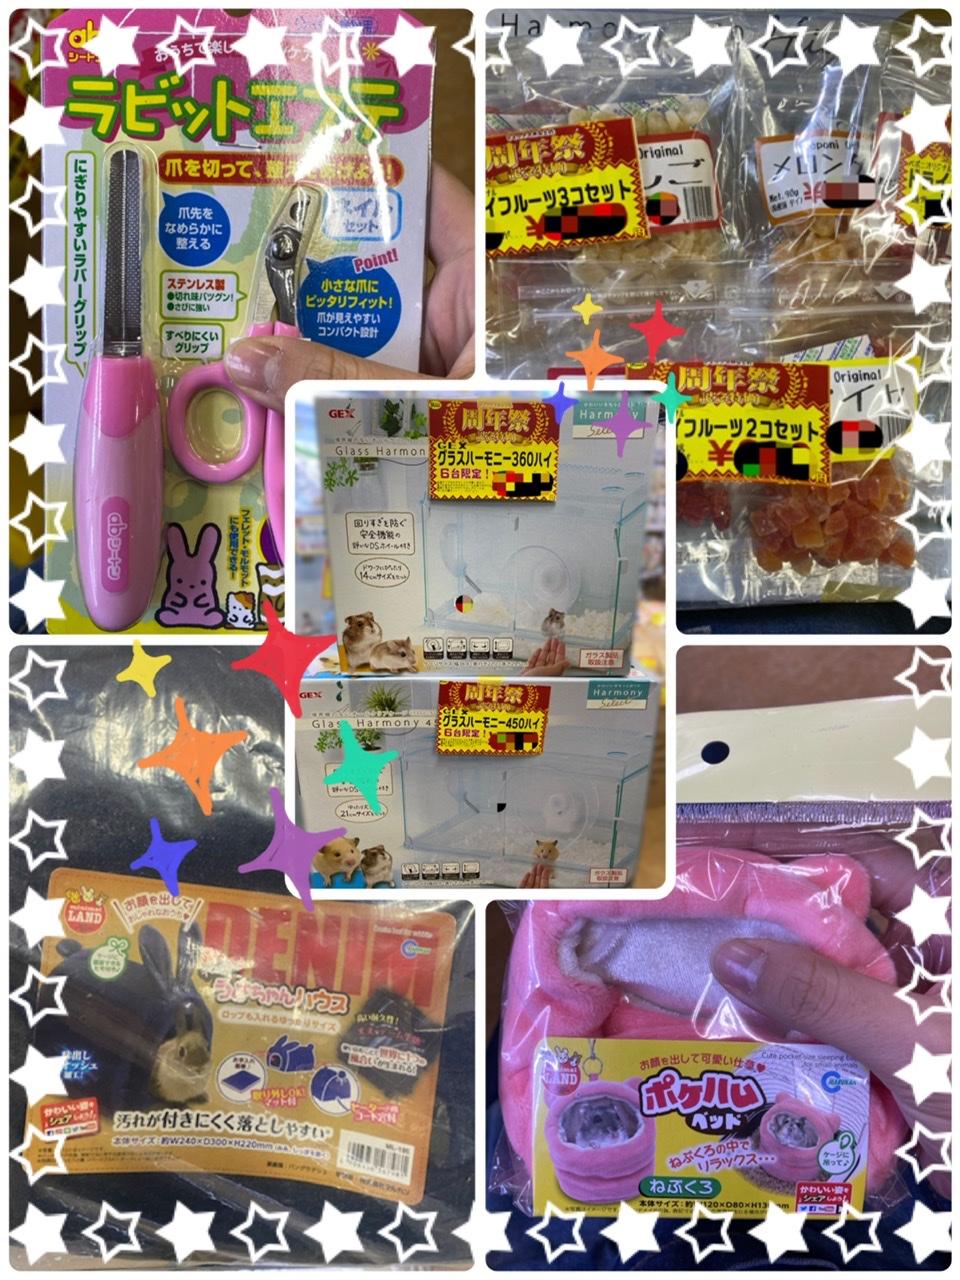 【インター小動物】~みなと周年祭対象用品のご紹介! おすすめもあるよ~